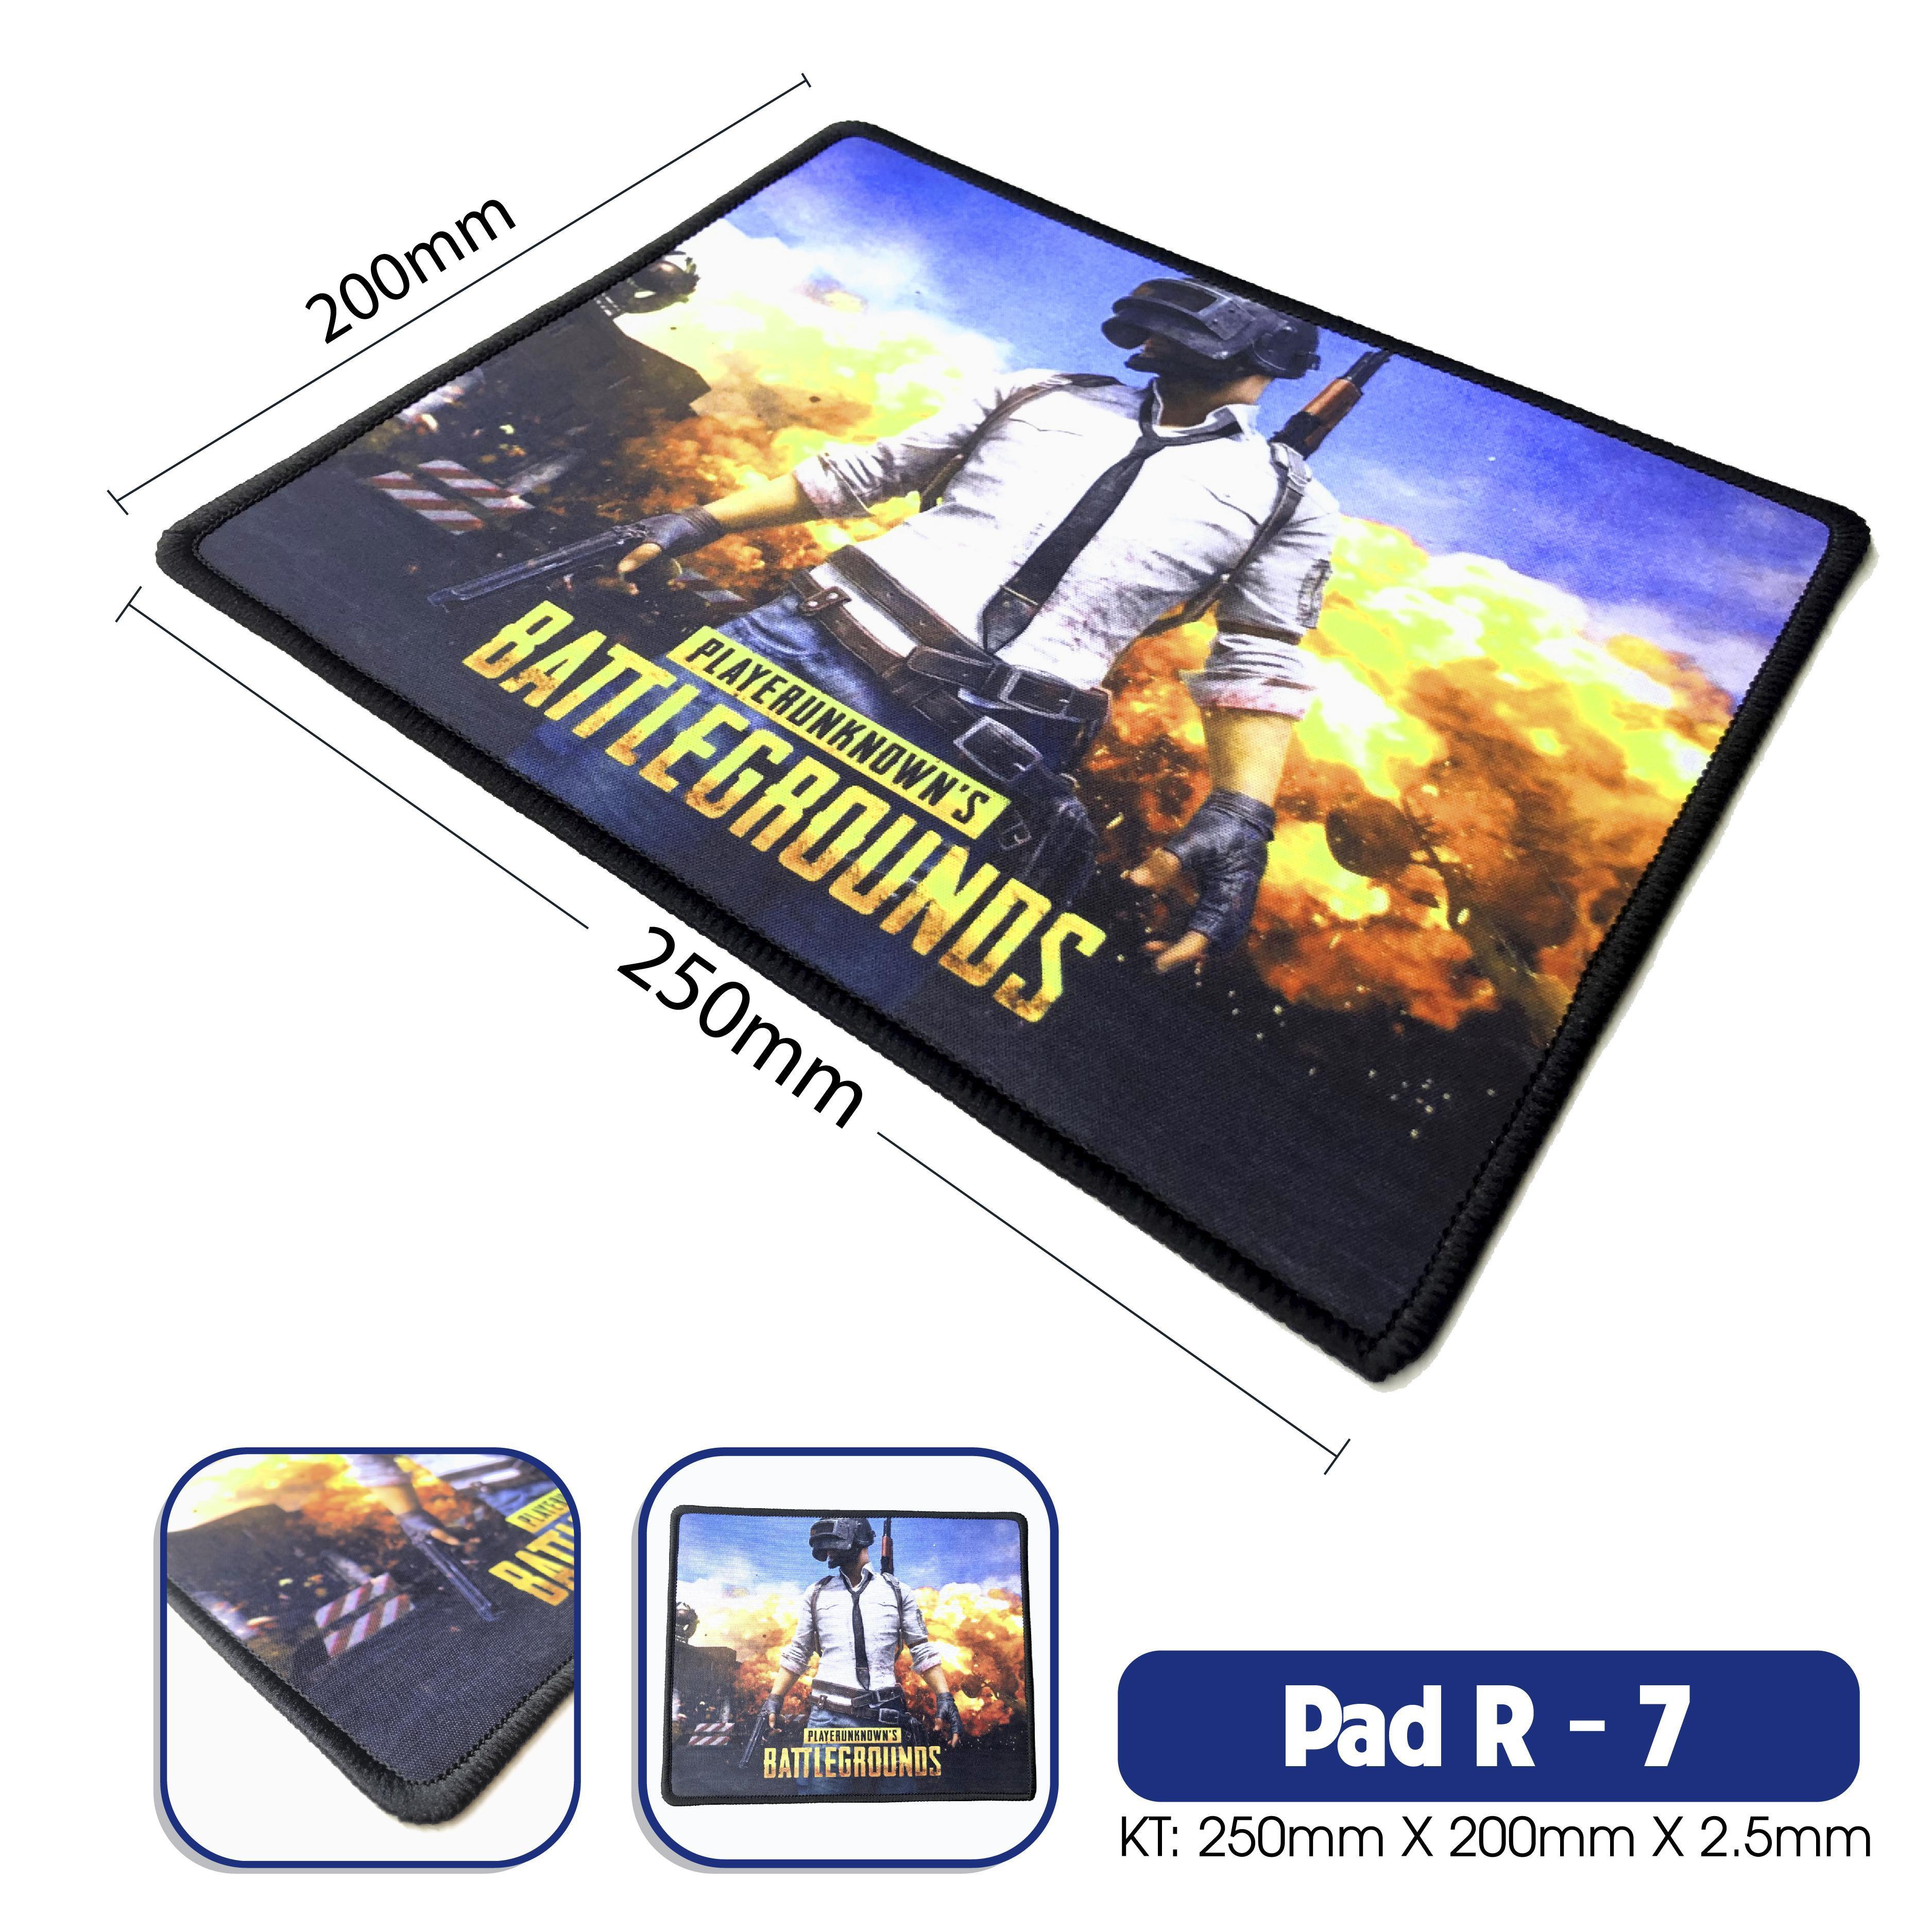 Giá Pad R7 (Nhiều Hình)- may viền : 200x250x2.5mm